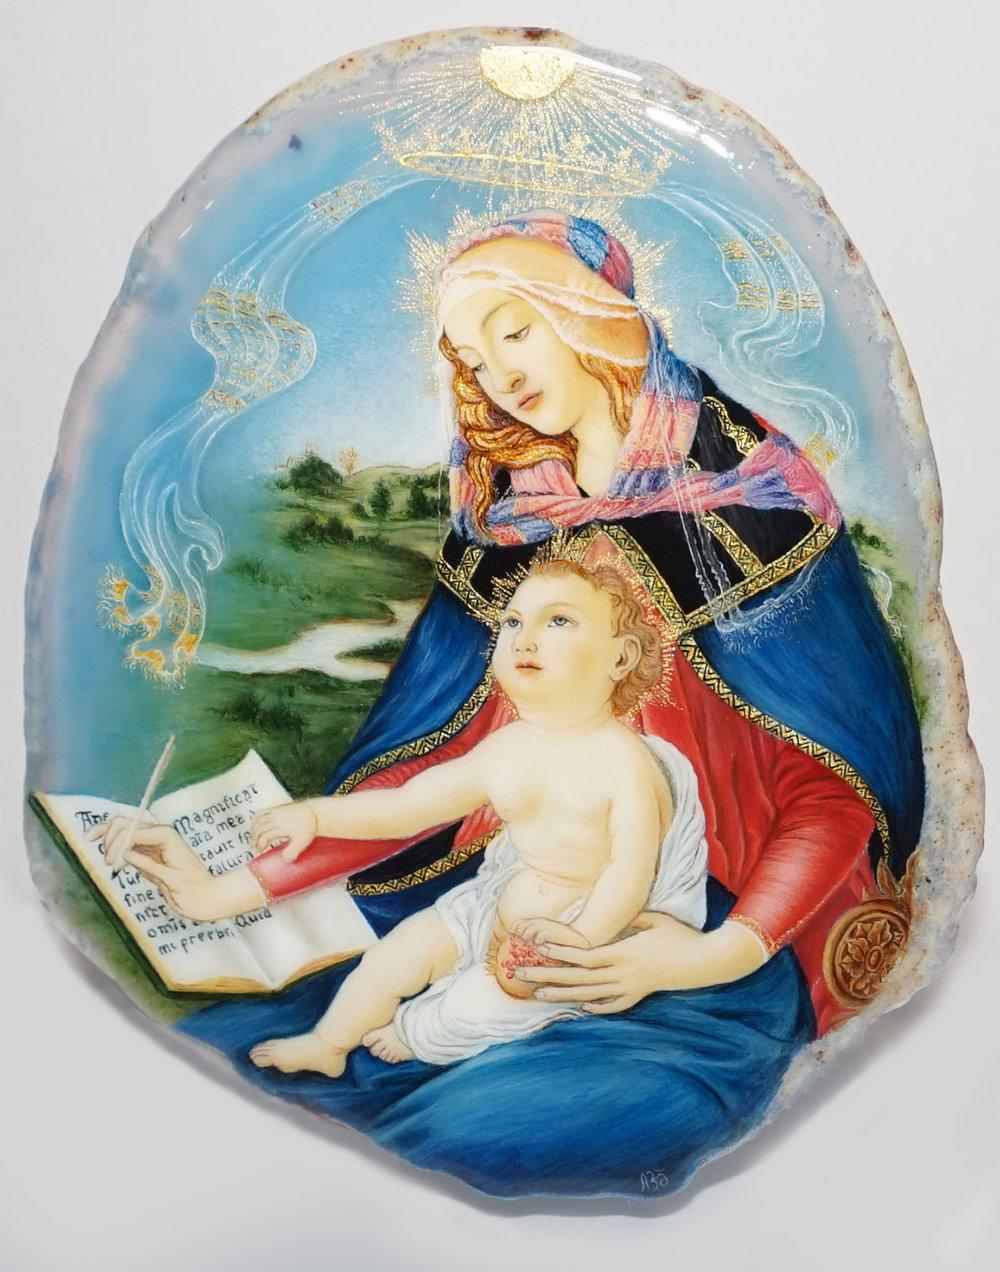 1. Kamennoe-panno-kartina-Bottichelli-Ma donna-Magnifikat-lakovajа-miniatyura_retouched.jpg